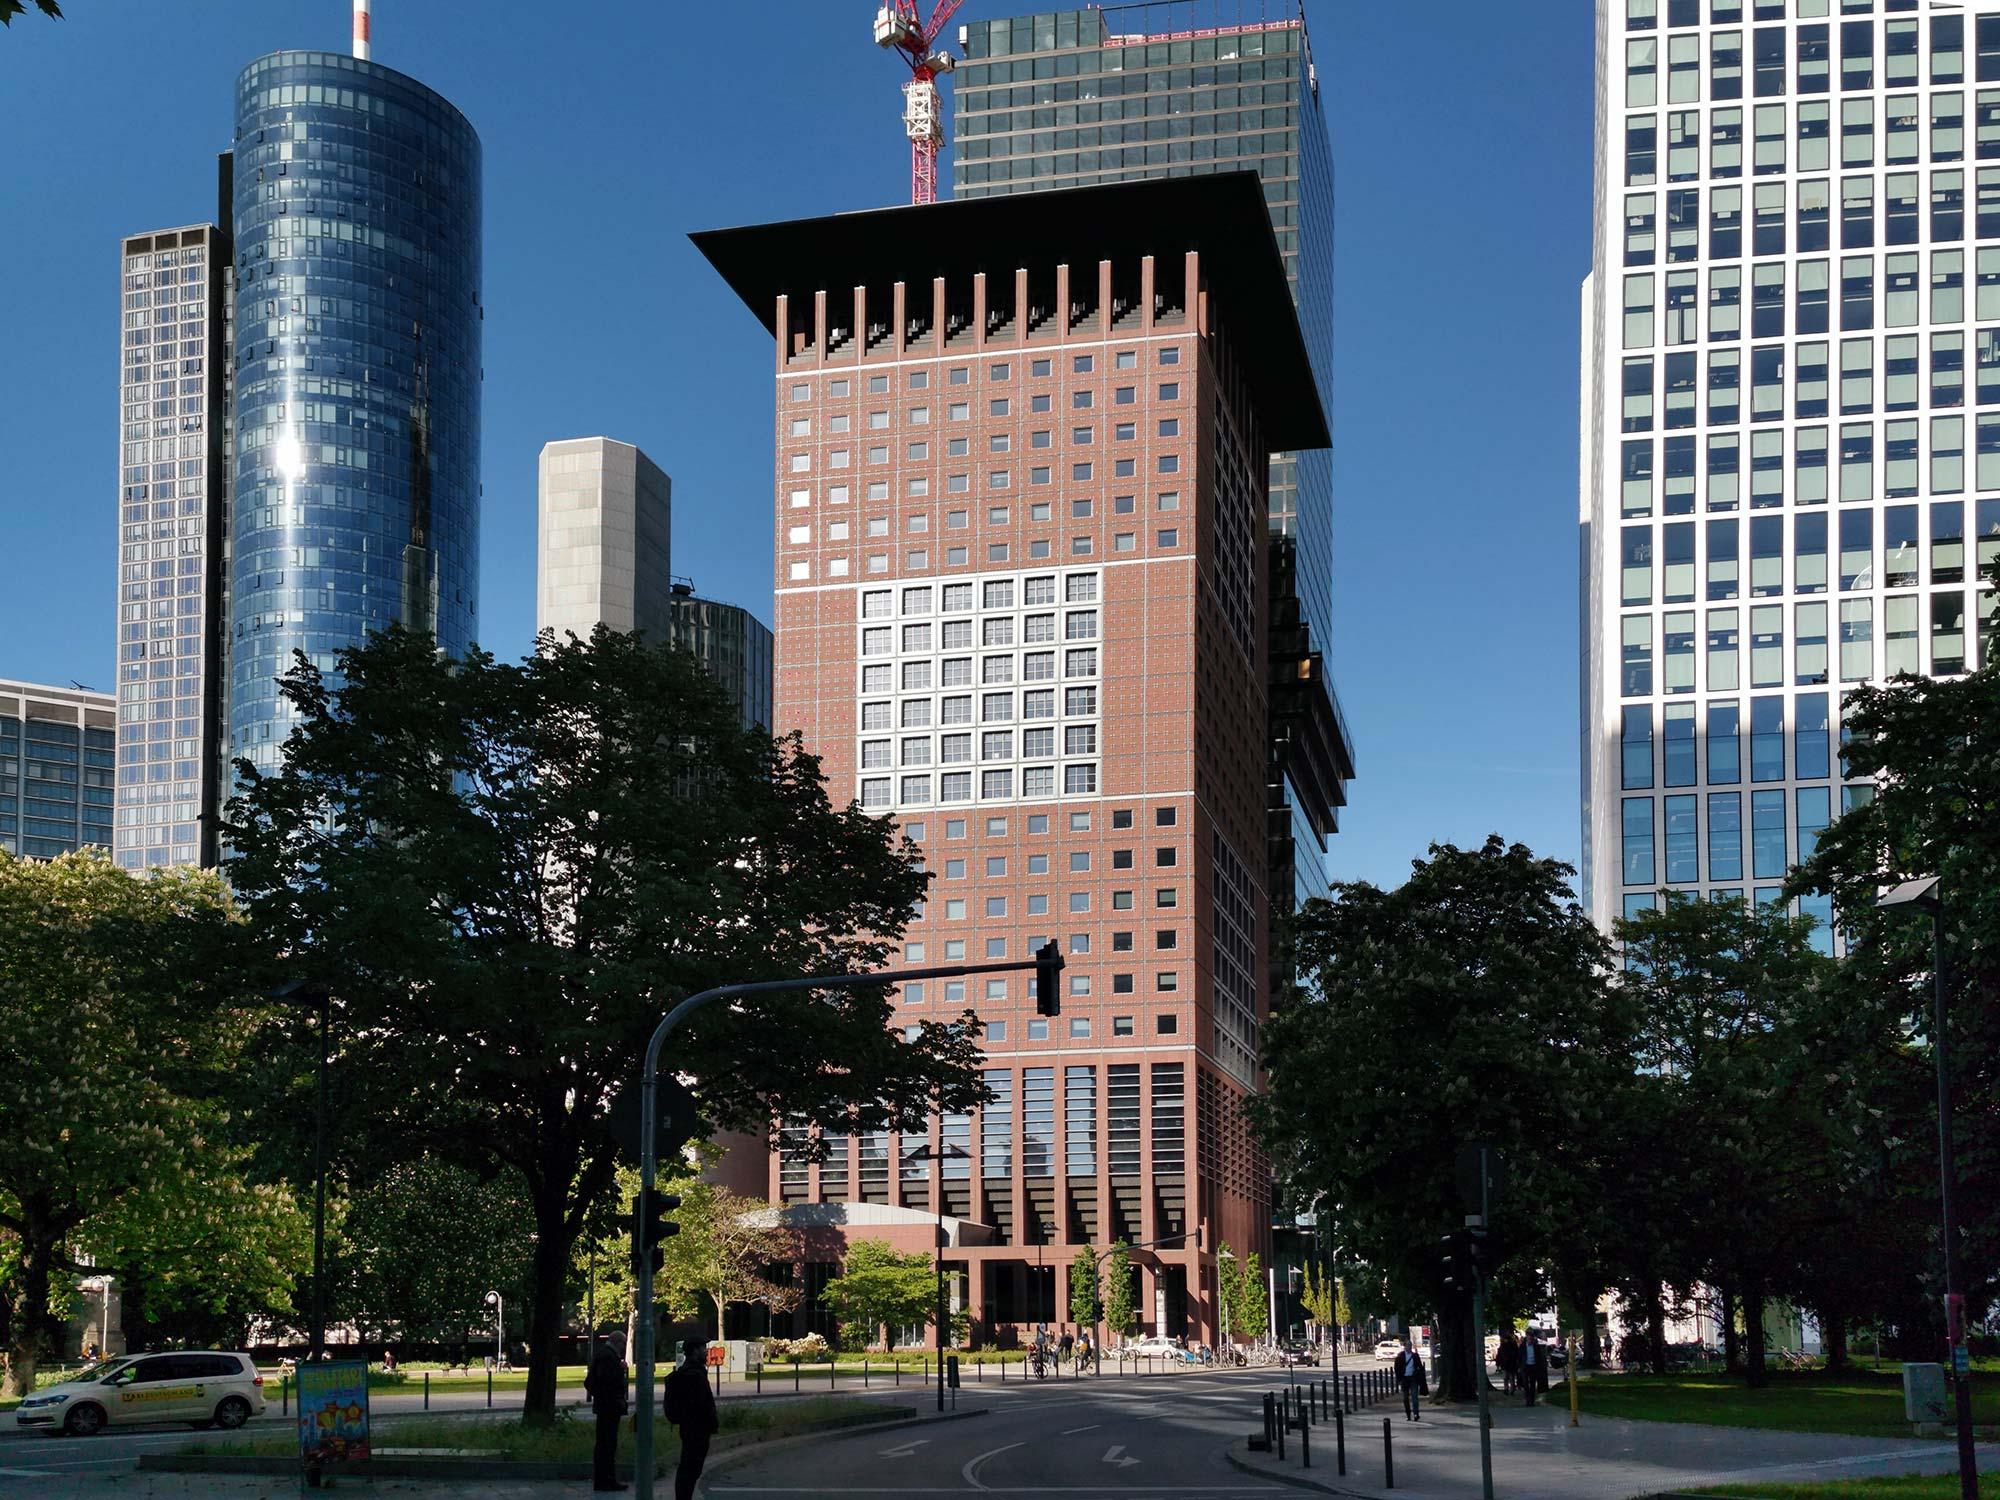 Japan Center - Frankfurt Wolkenkratzer CBD - Mainhattan - Hochhaus der EZB im Bankenviertel